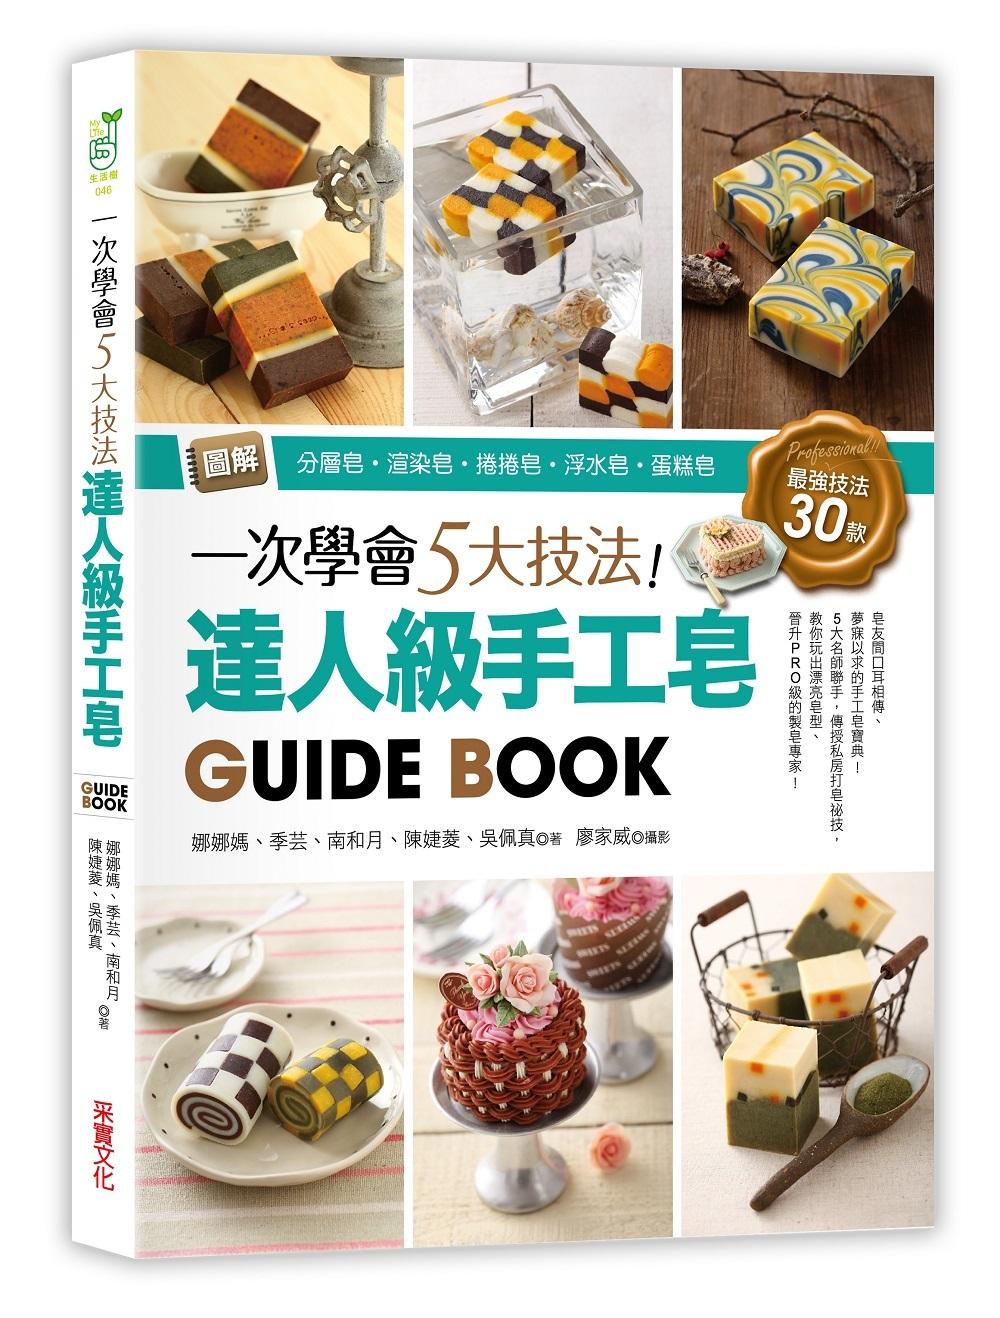 一次學會5大技法!達人級手工皂Guide Book:圖解分層皂‧渲染皂‧捲捲皂‧浮水皂‧蛋糕皂,最強技法30款